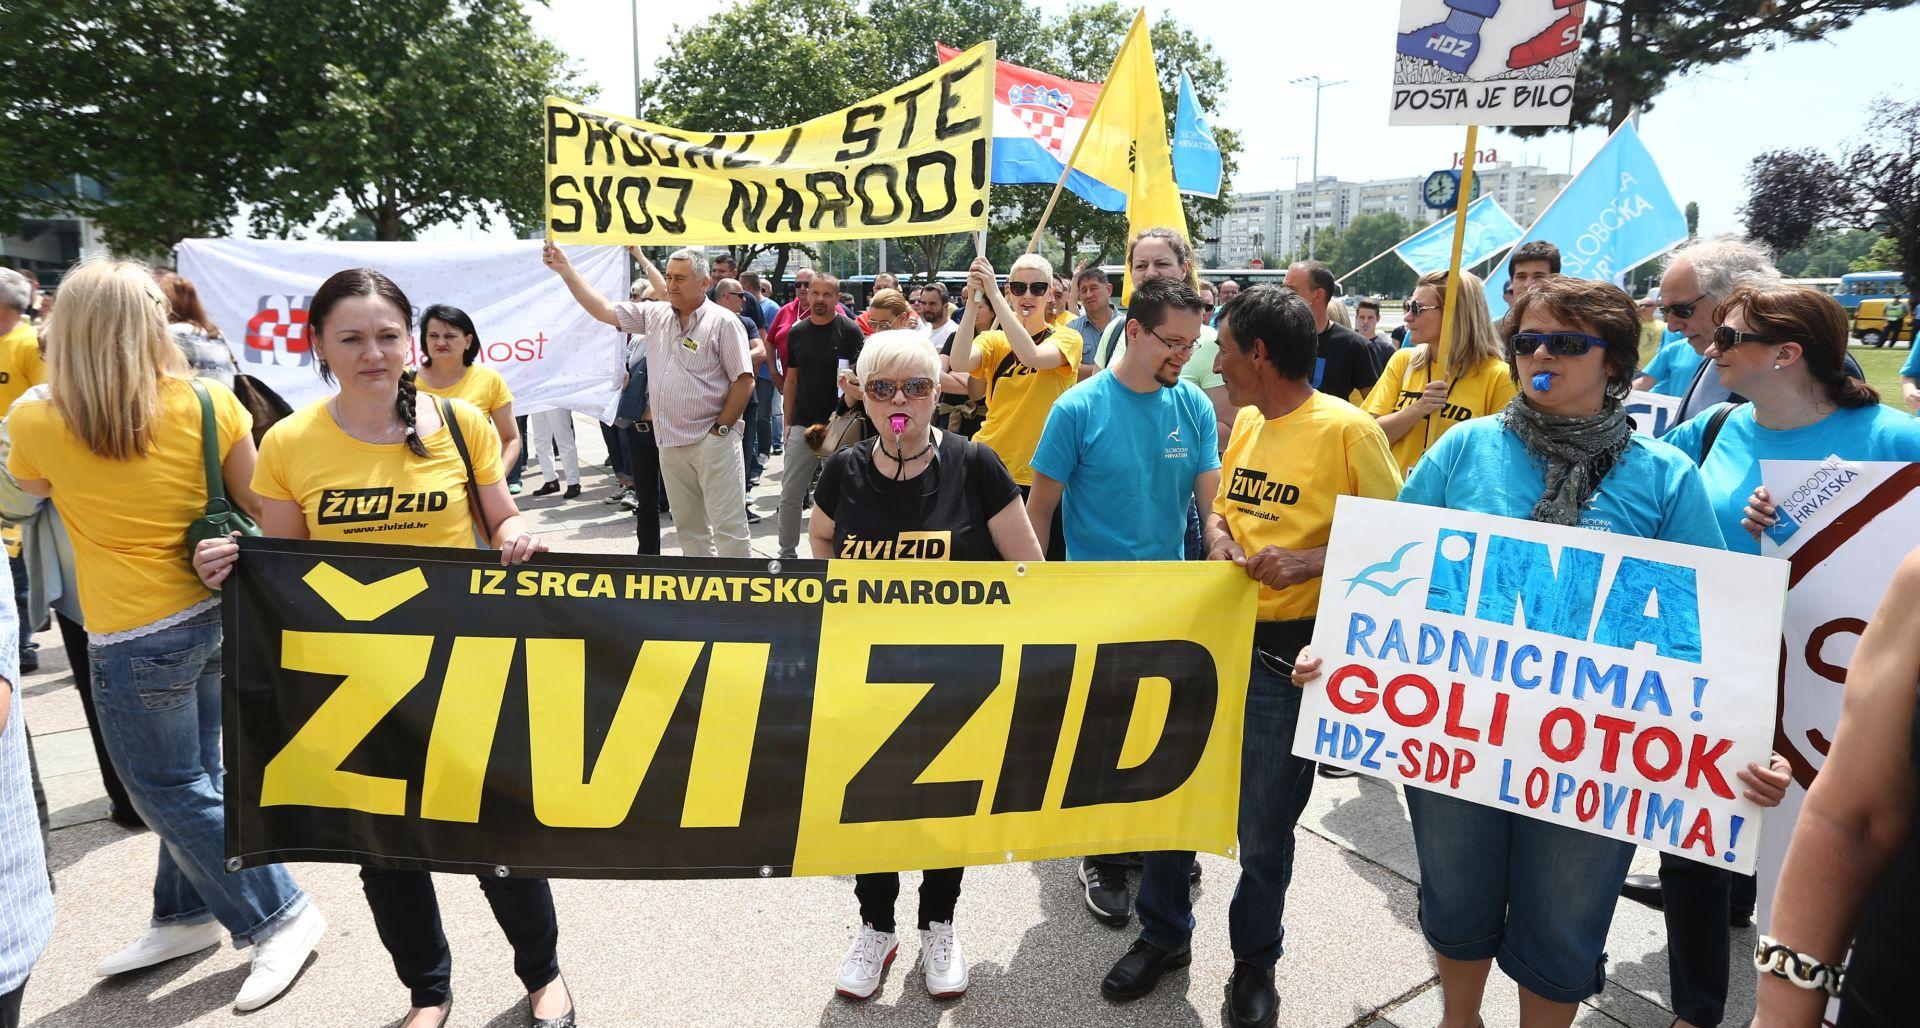 Ispred sjedišta Ine dvjestotinjak prosvjednika tražilo zaštitu nacionalnih interesa